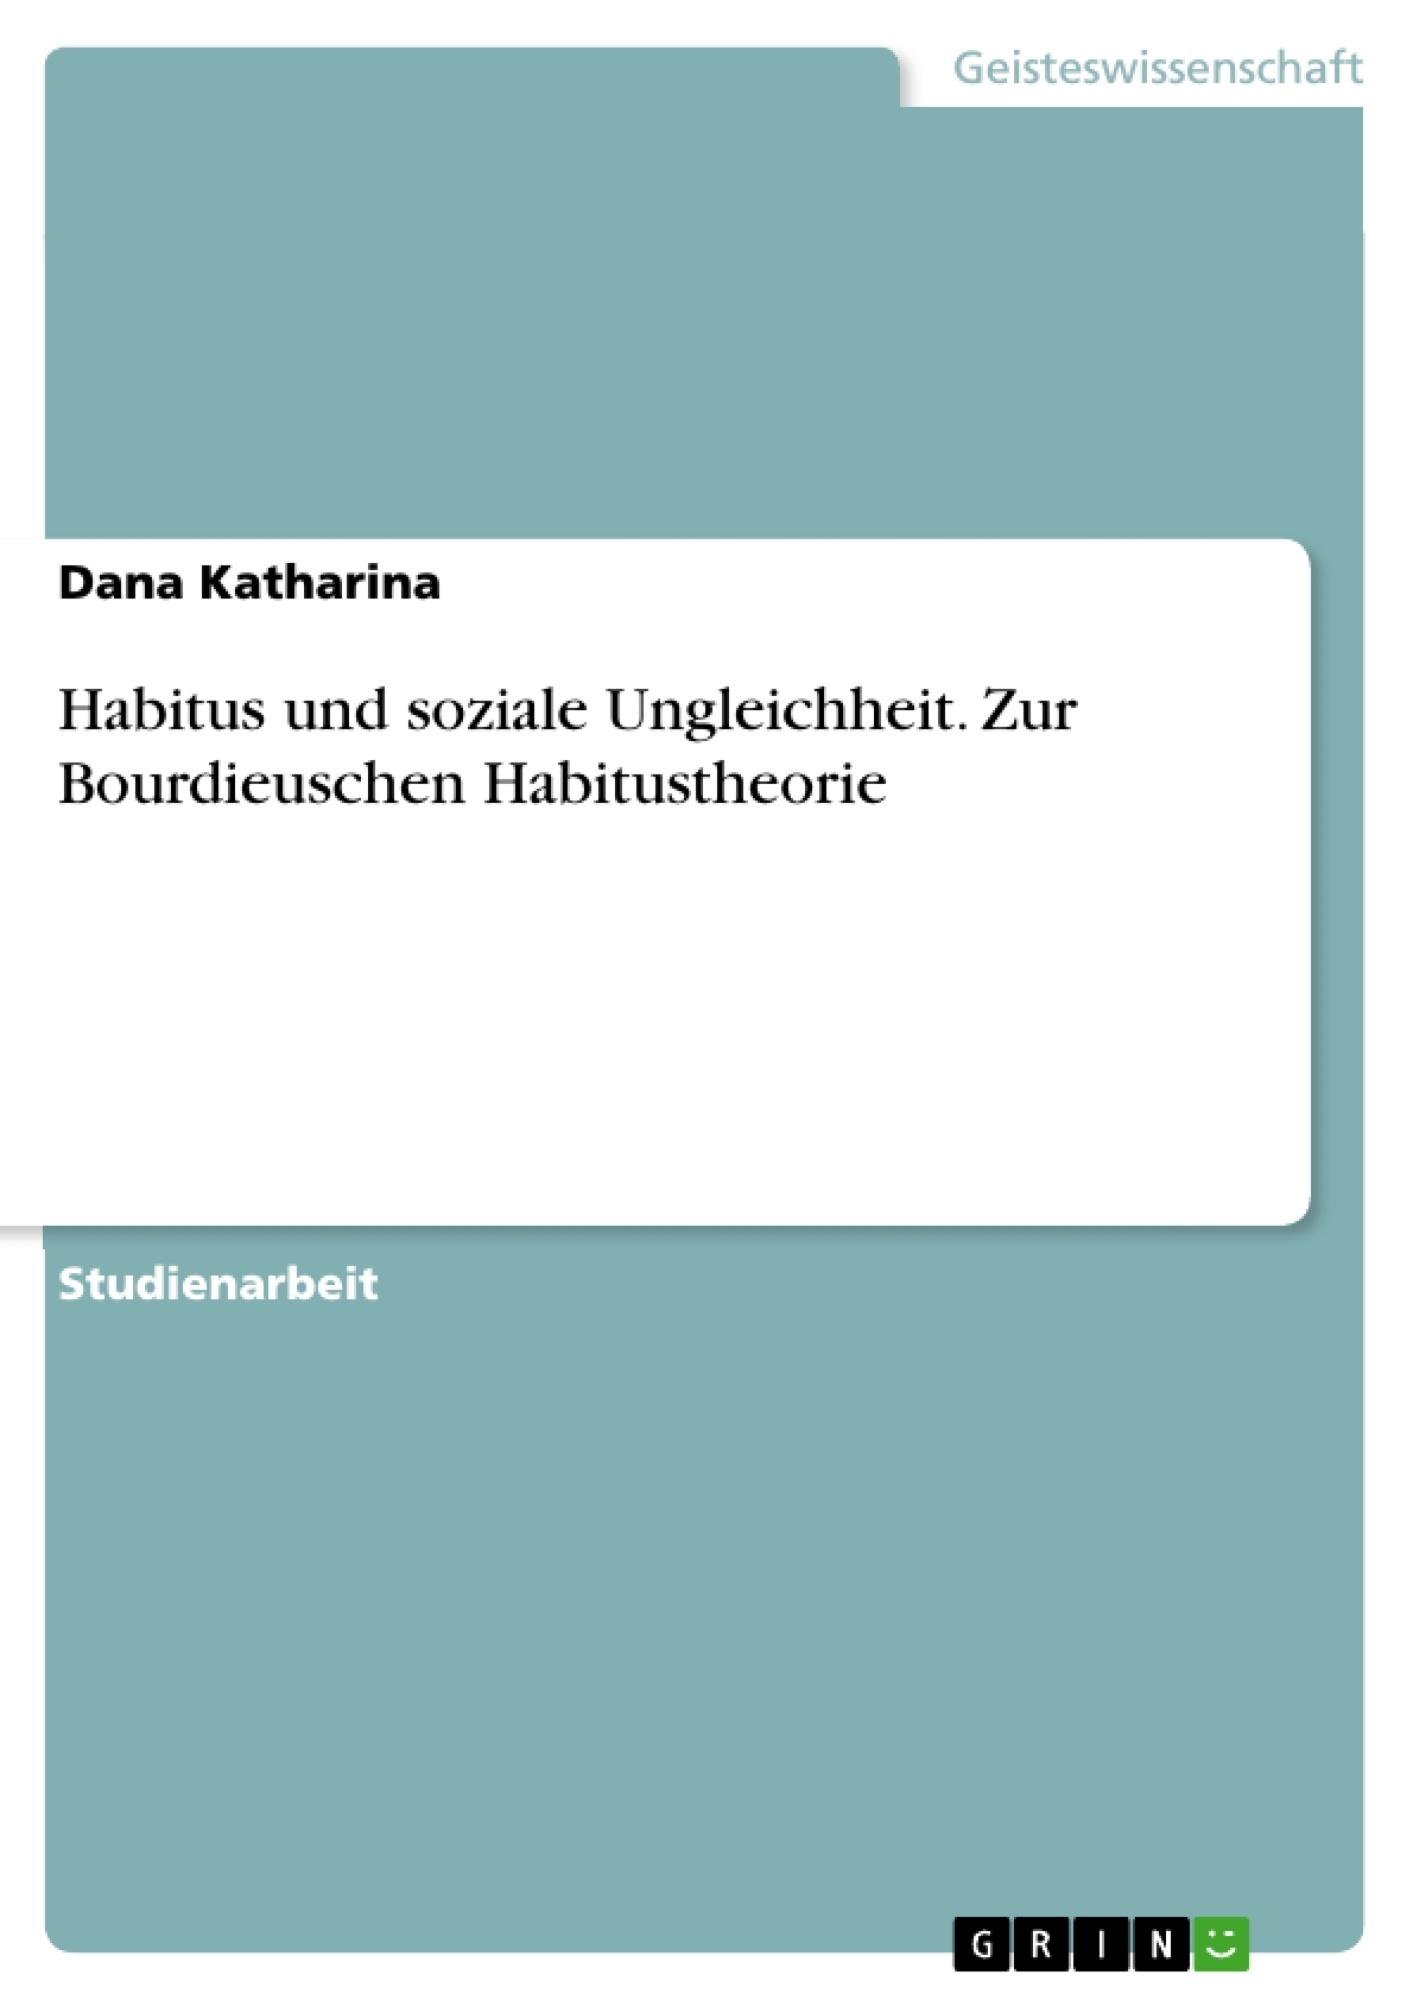 Titel: Habitus und soziale Ungleichheit. Zur Bourdieuschen Habitustheorie